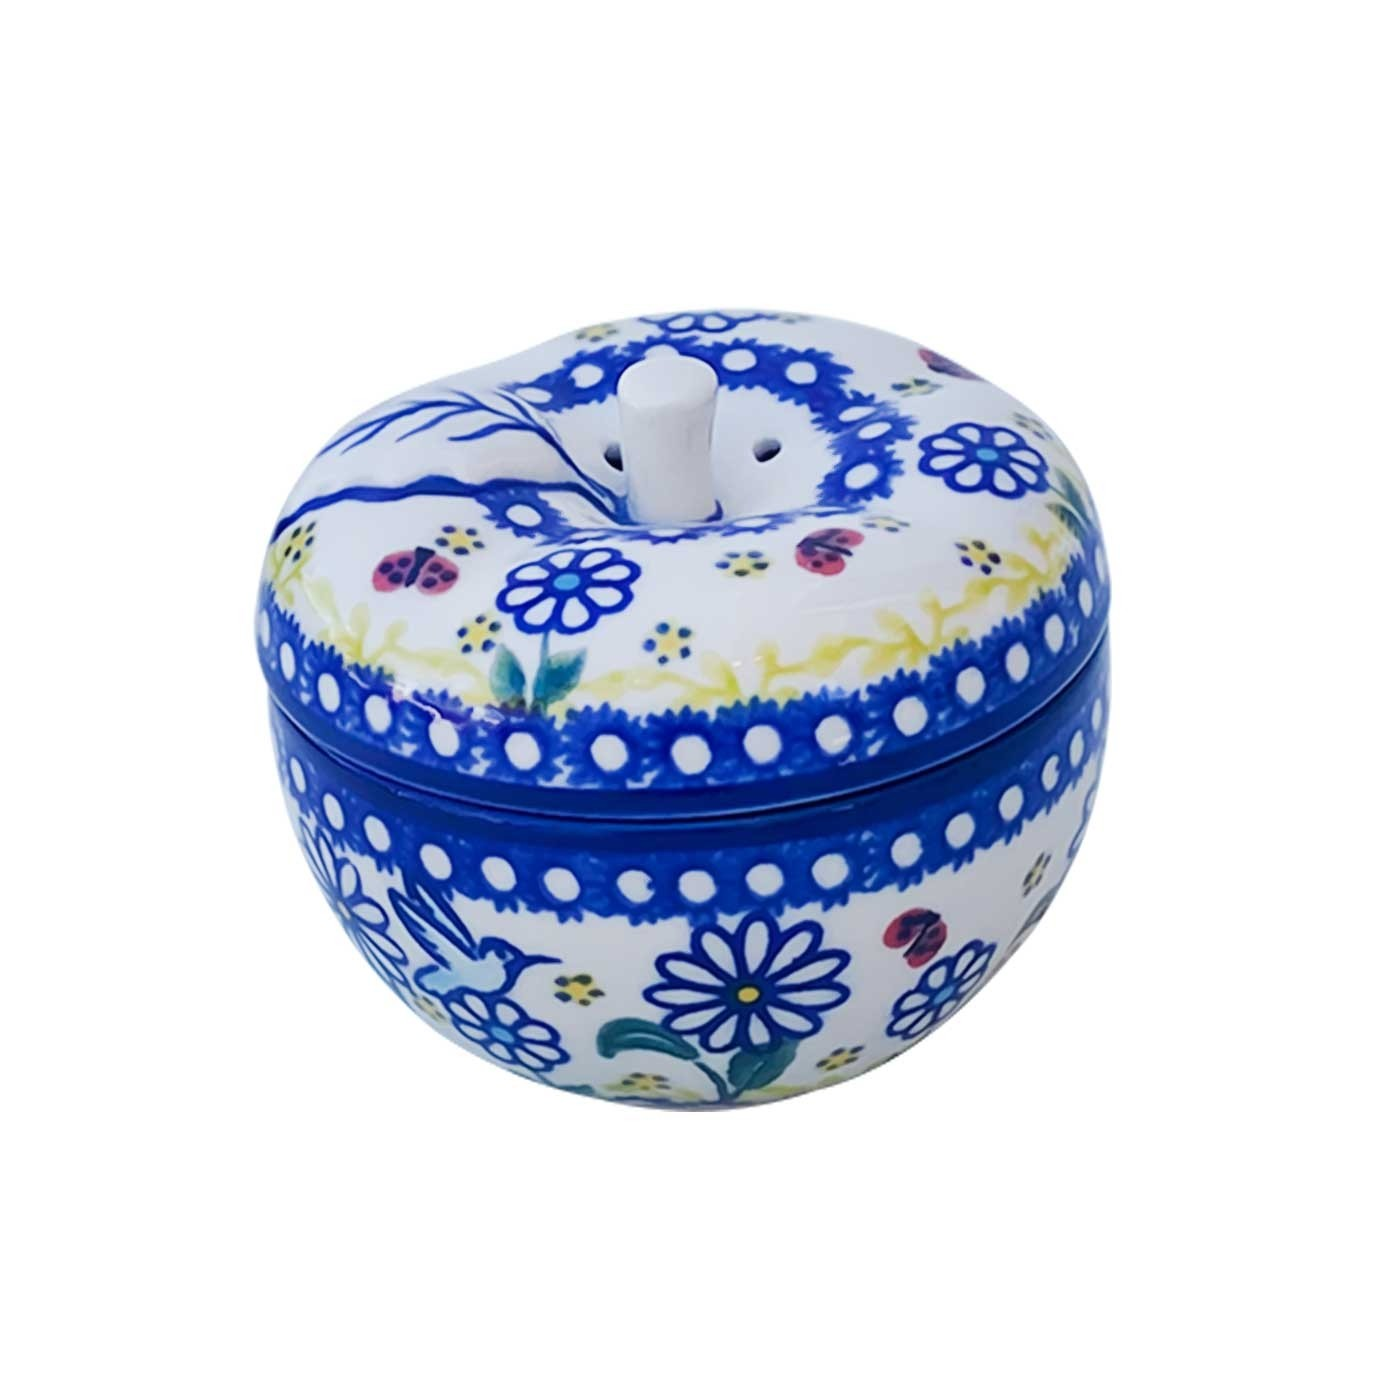 Pottery Avenue Stoneware Apple Baker - V410-U464 WINSOME